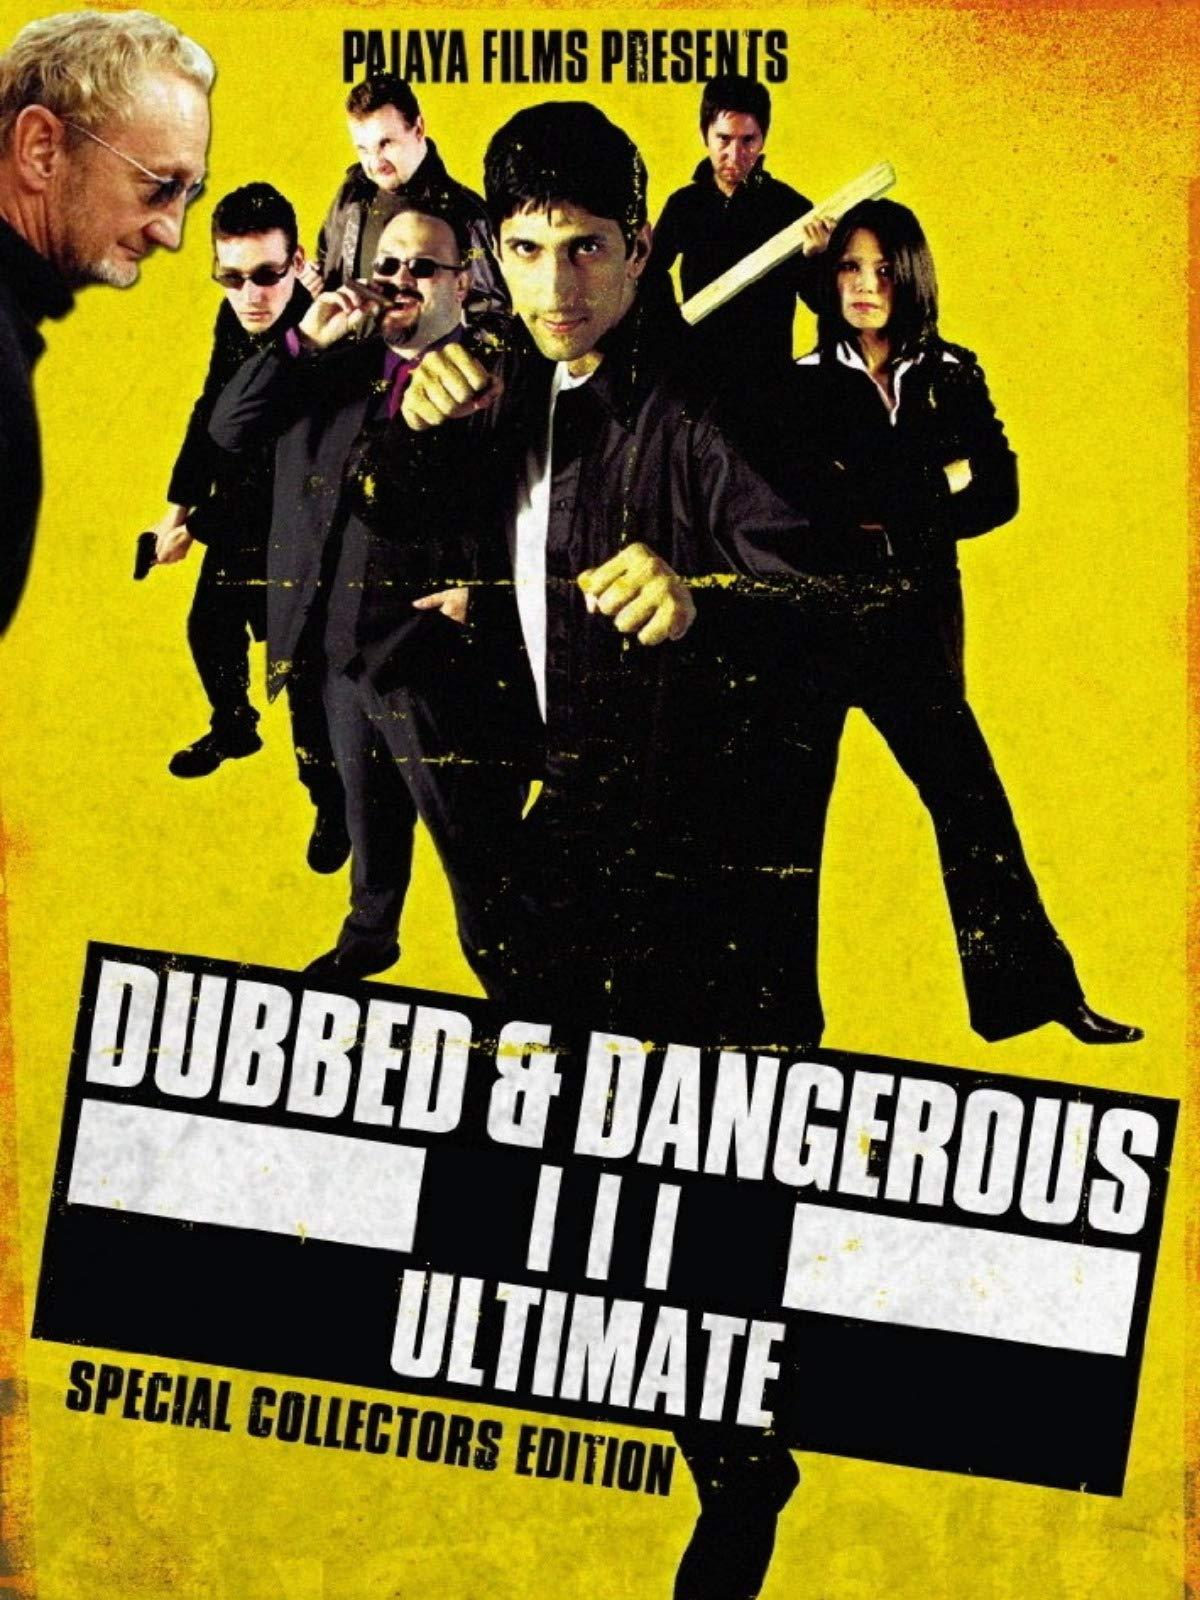 Dubbed & Dangerous III